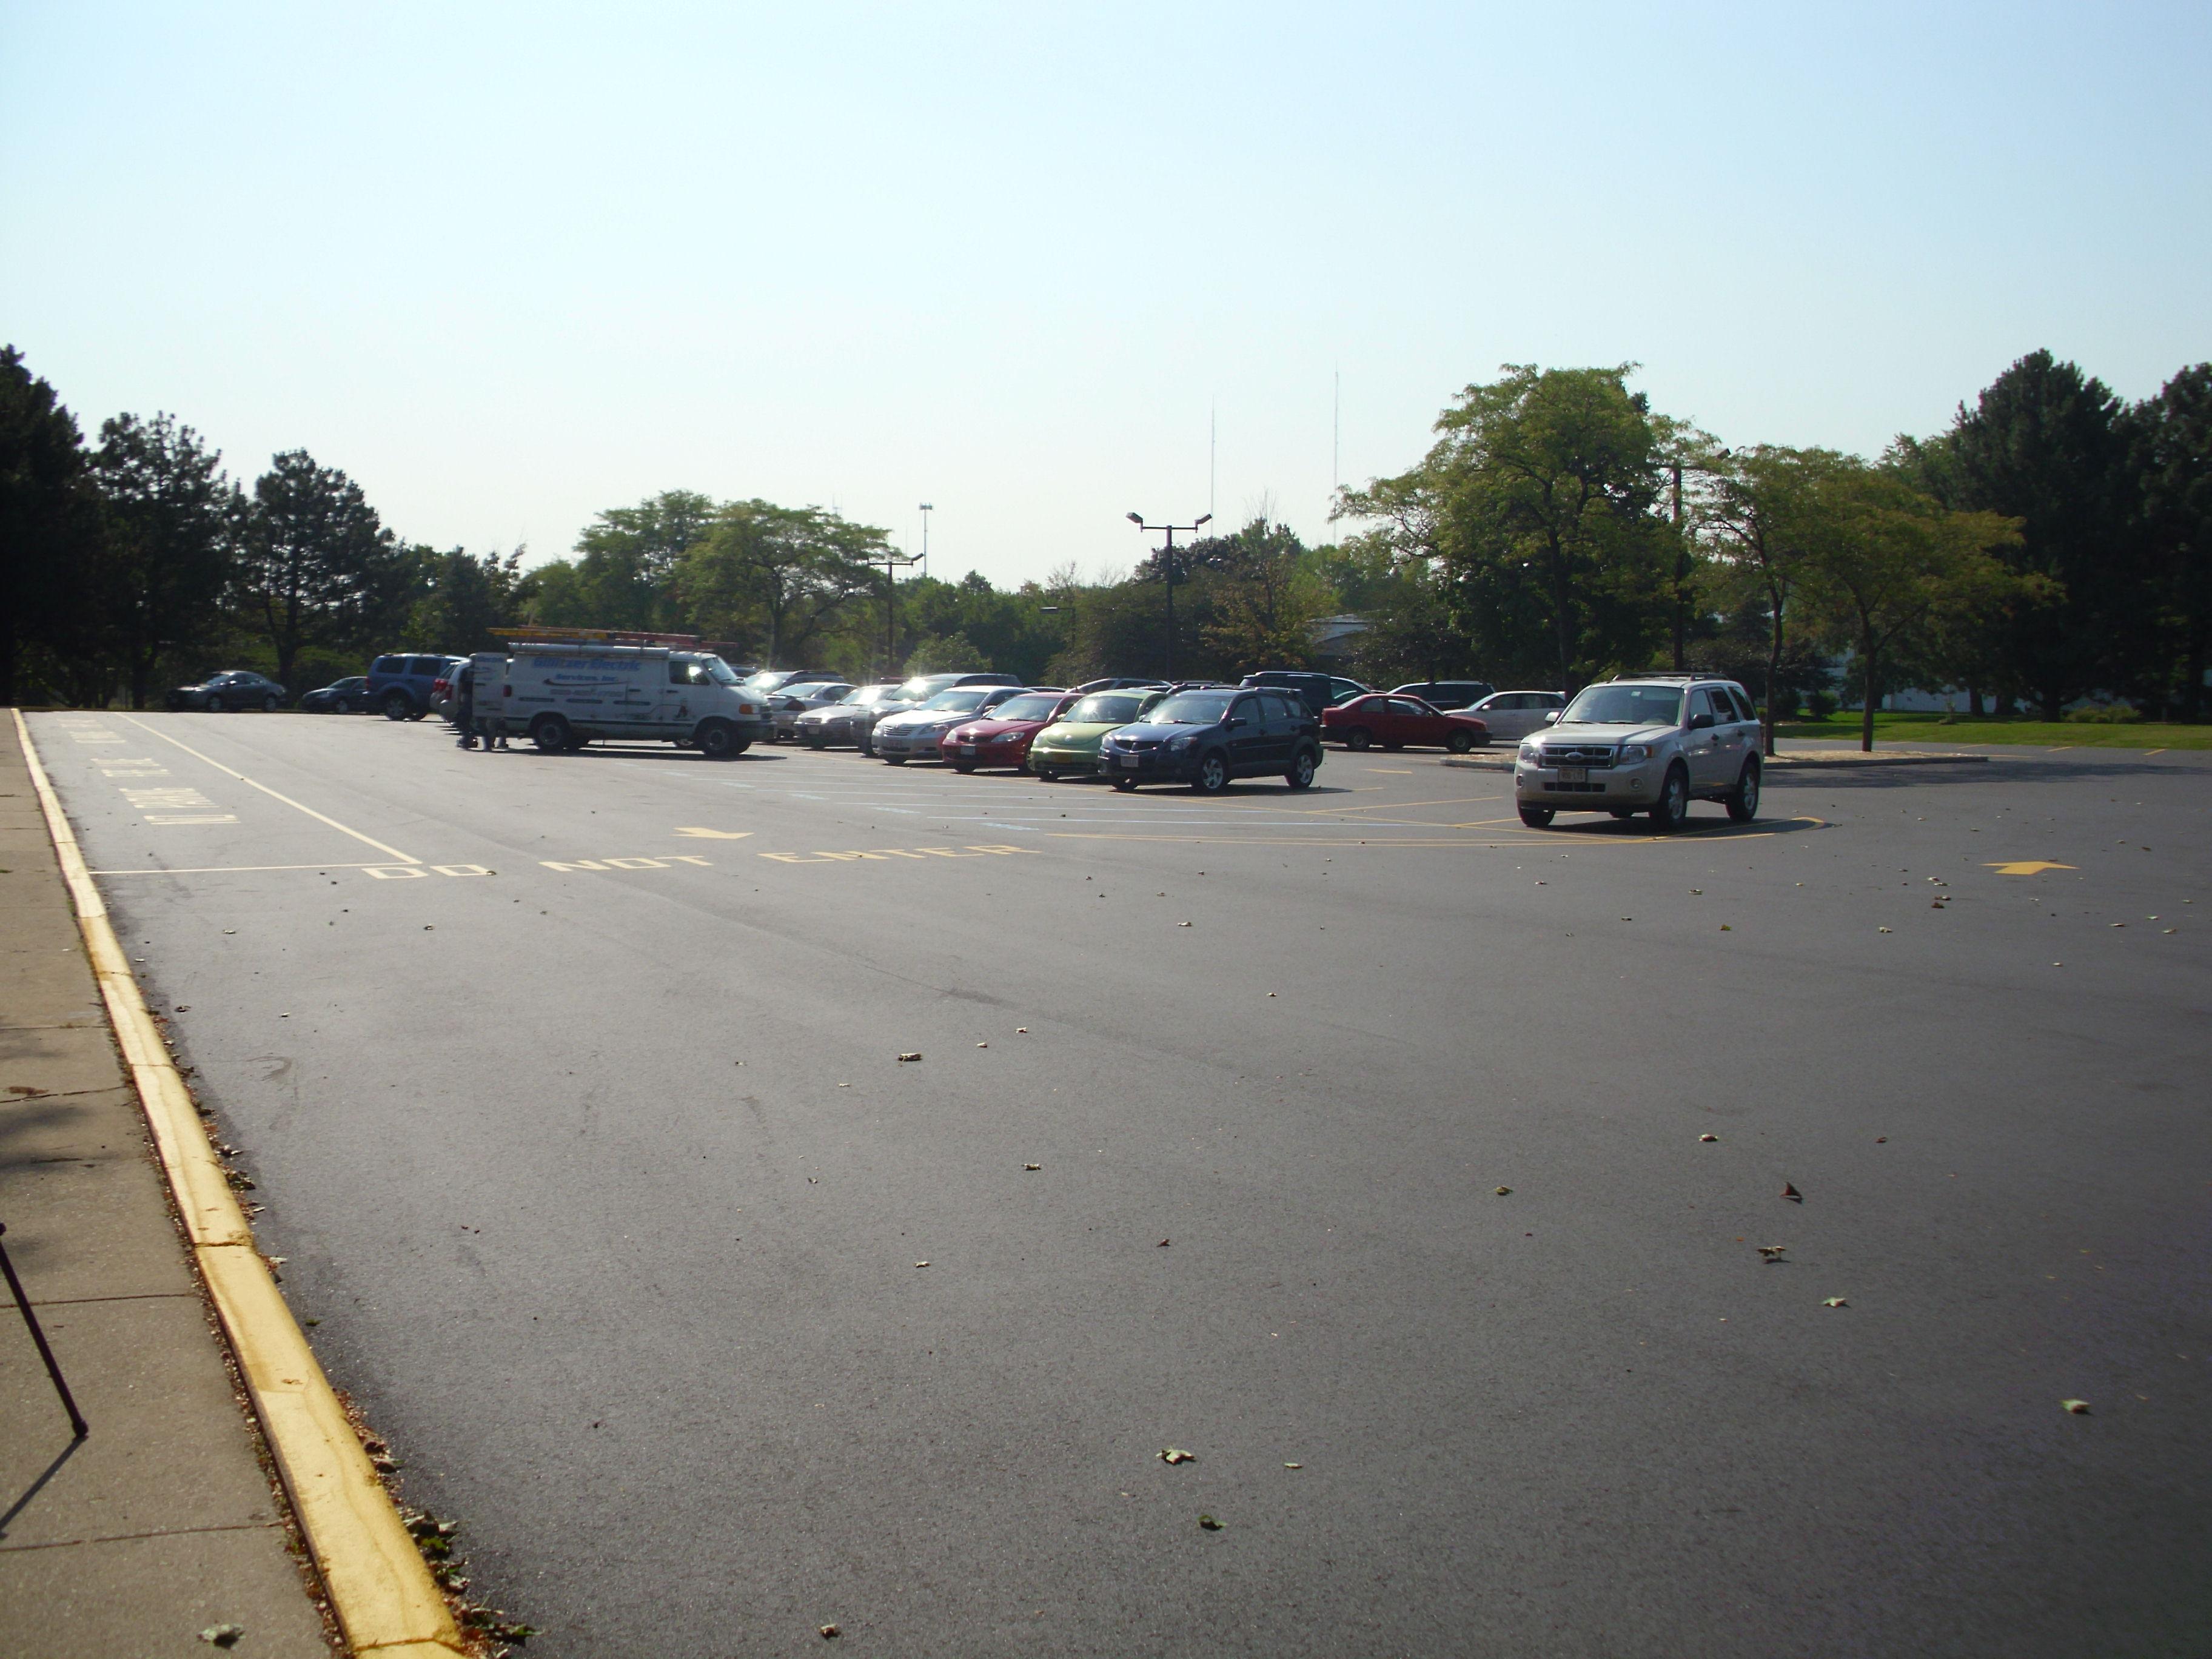 base stabilization and commercial asphalt paving